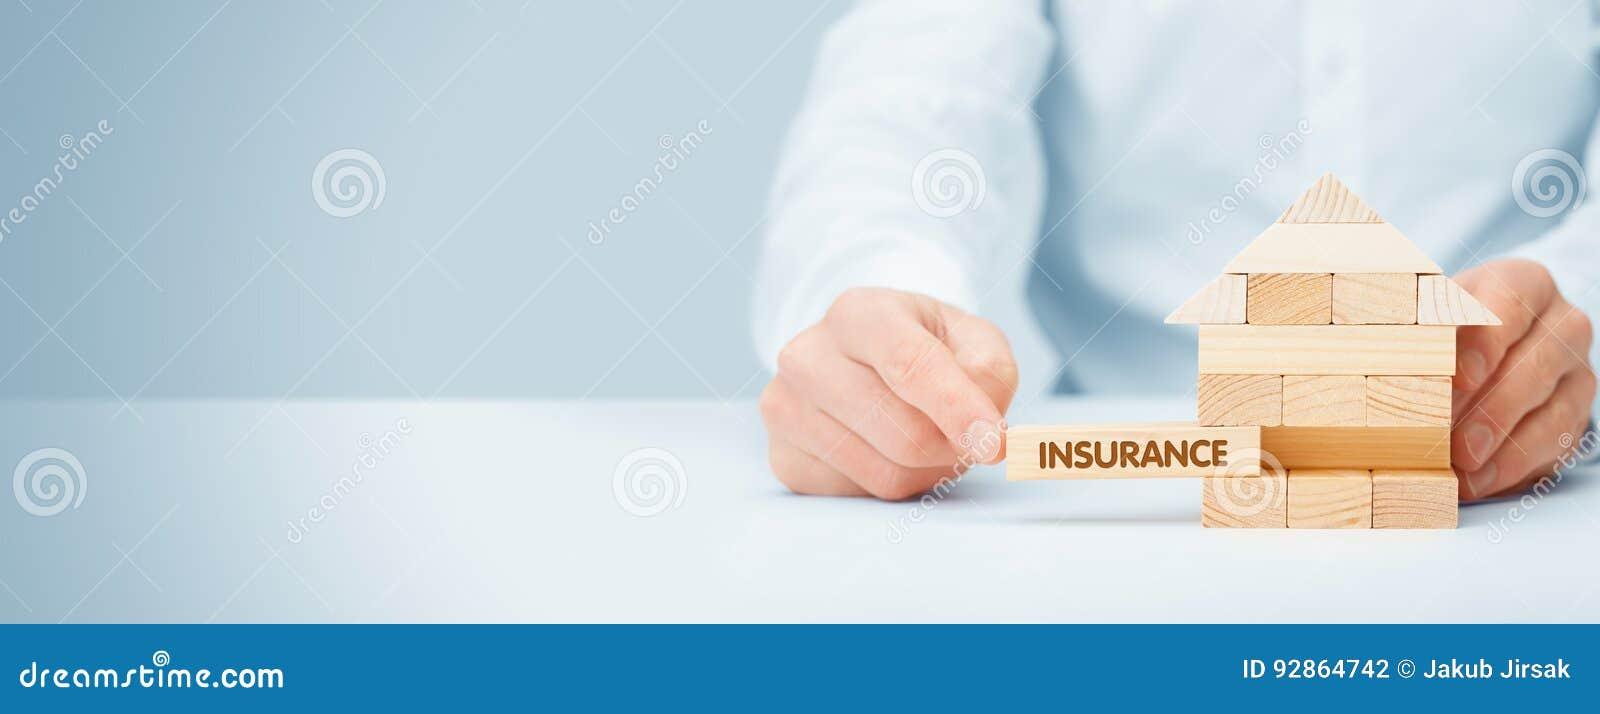 Propiedad insurance